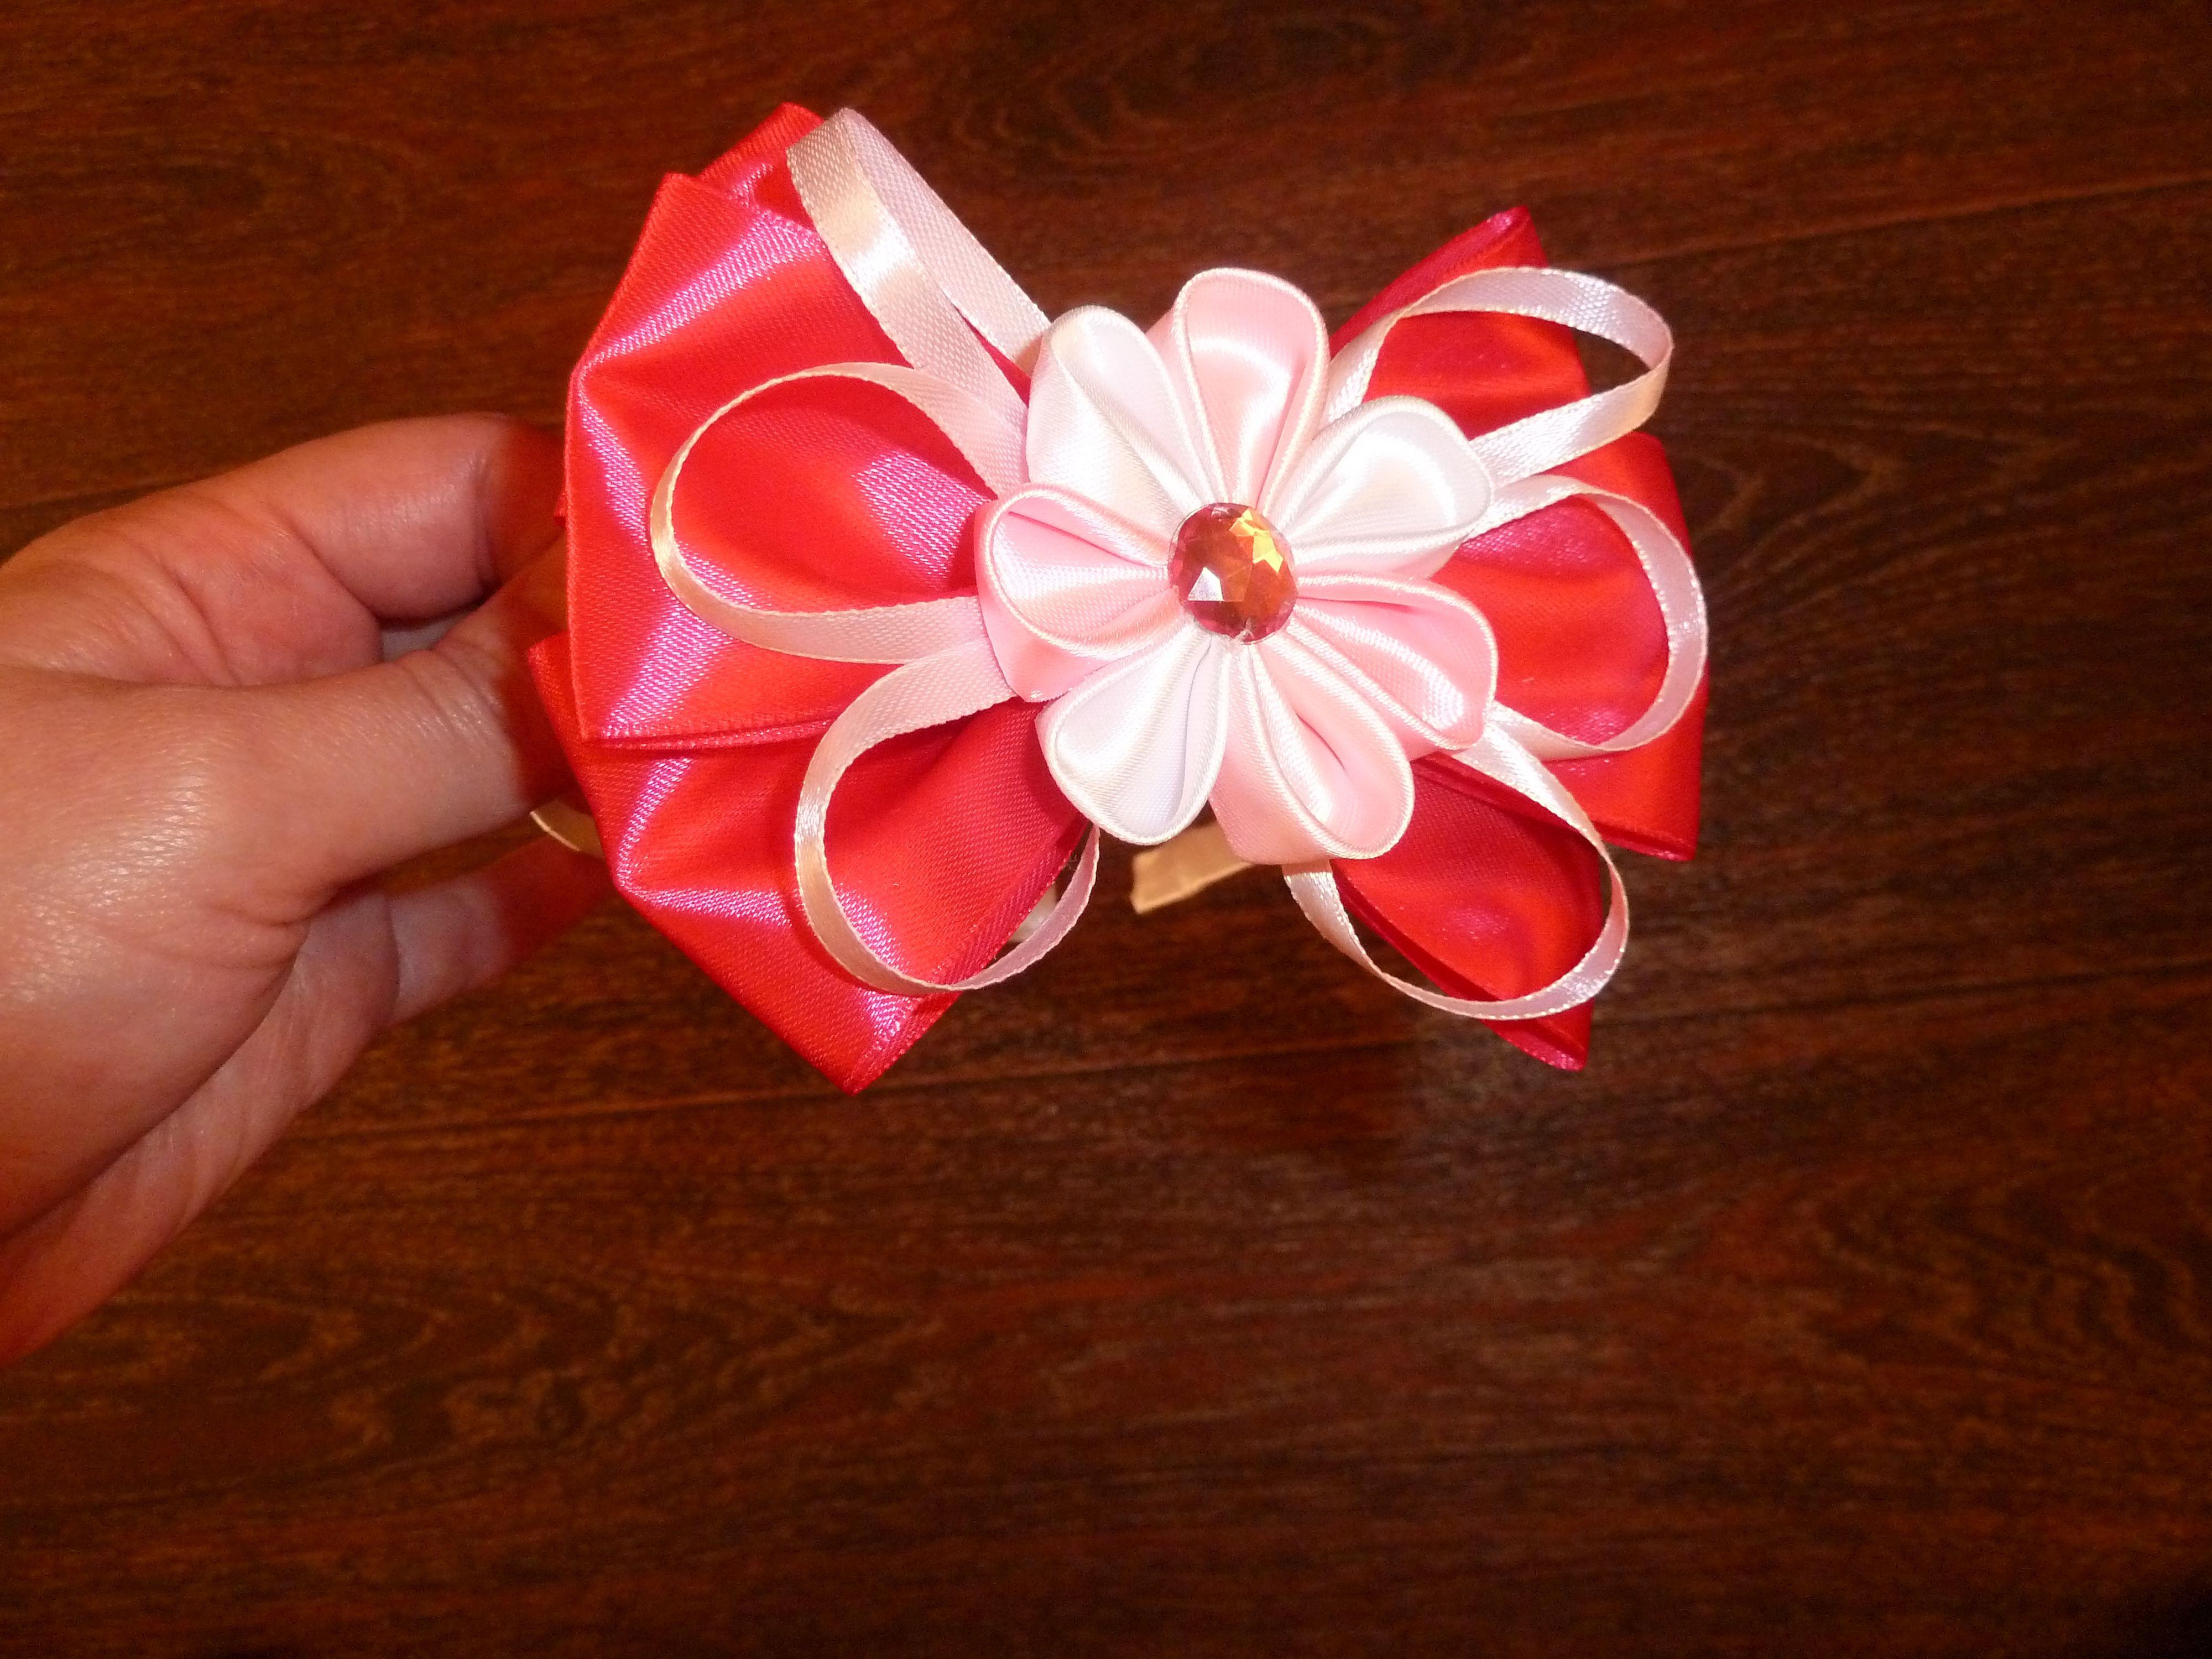 из лент ободок праздник к бант канзаши празднику цветы подарки